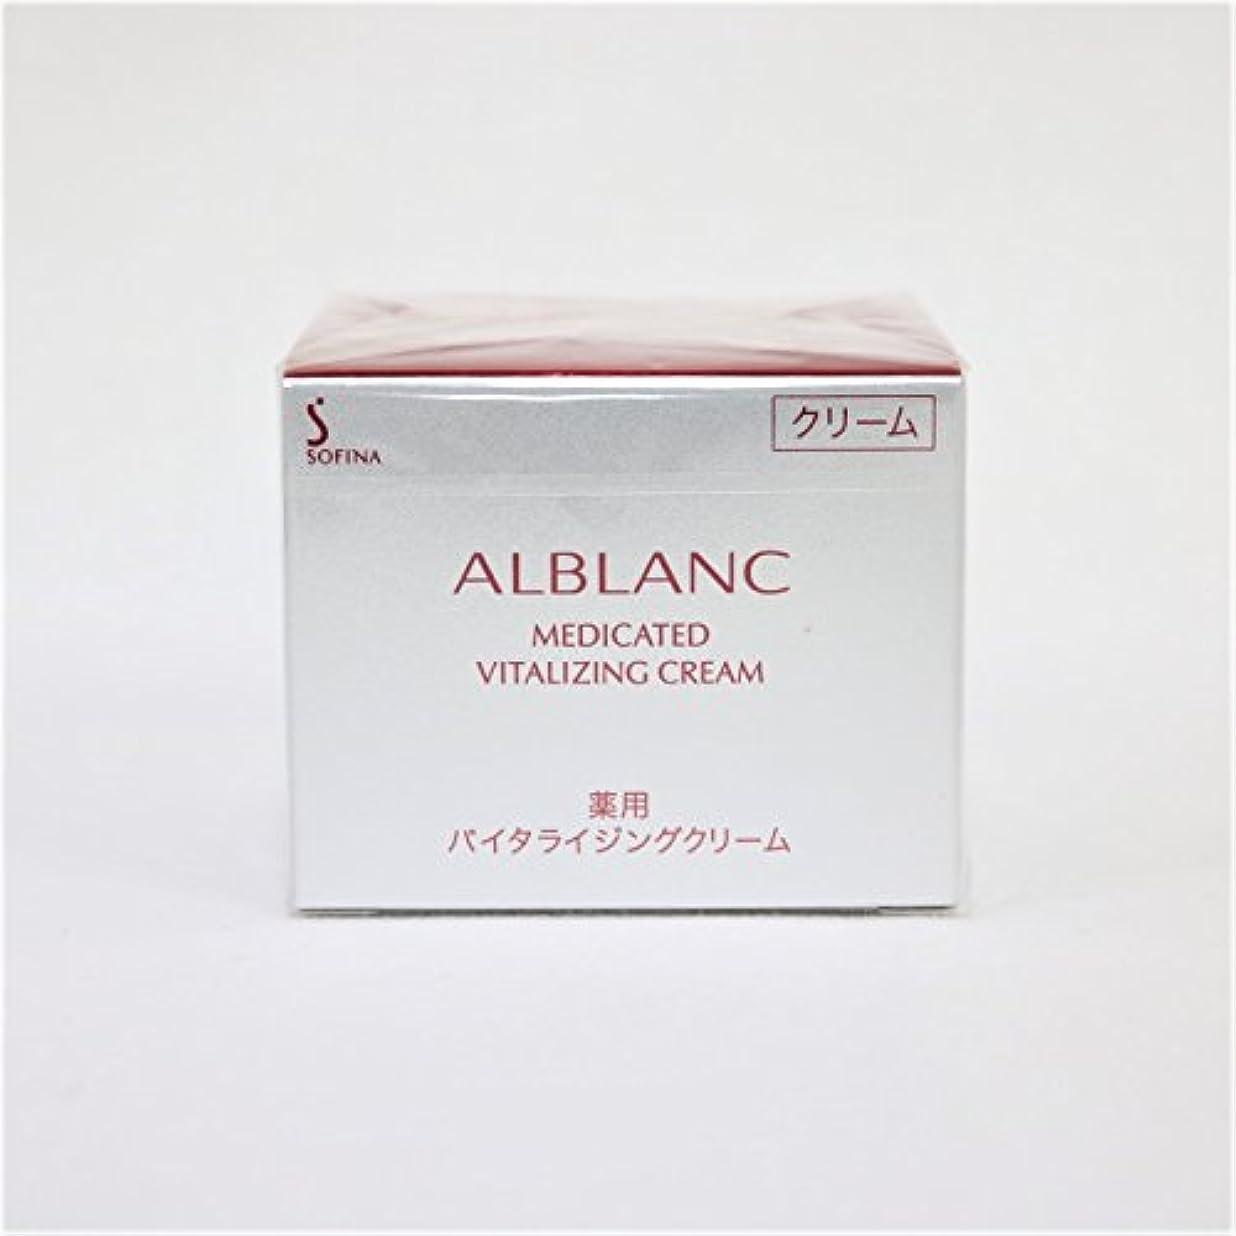 ソフィーナ アルブラン 薬用バイタライジングクリーム 40g